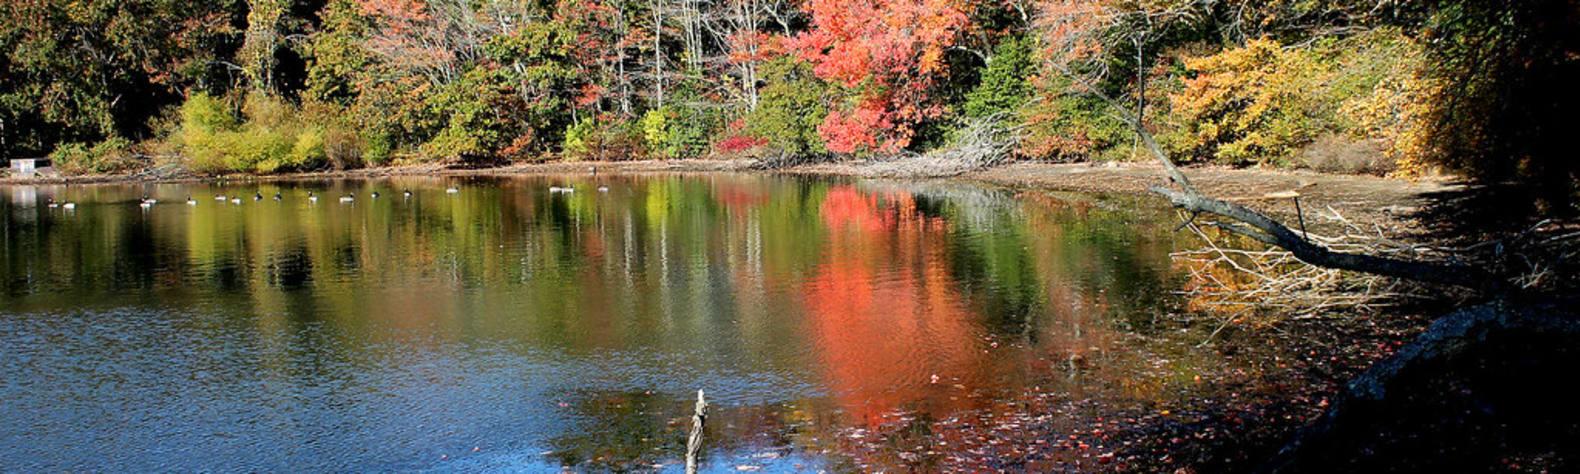 Hudson River Islands State Park